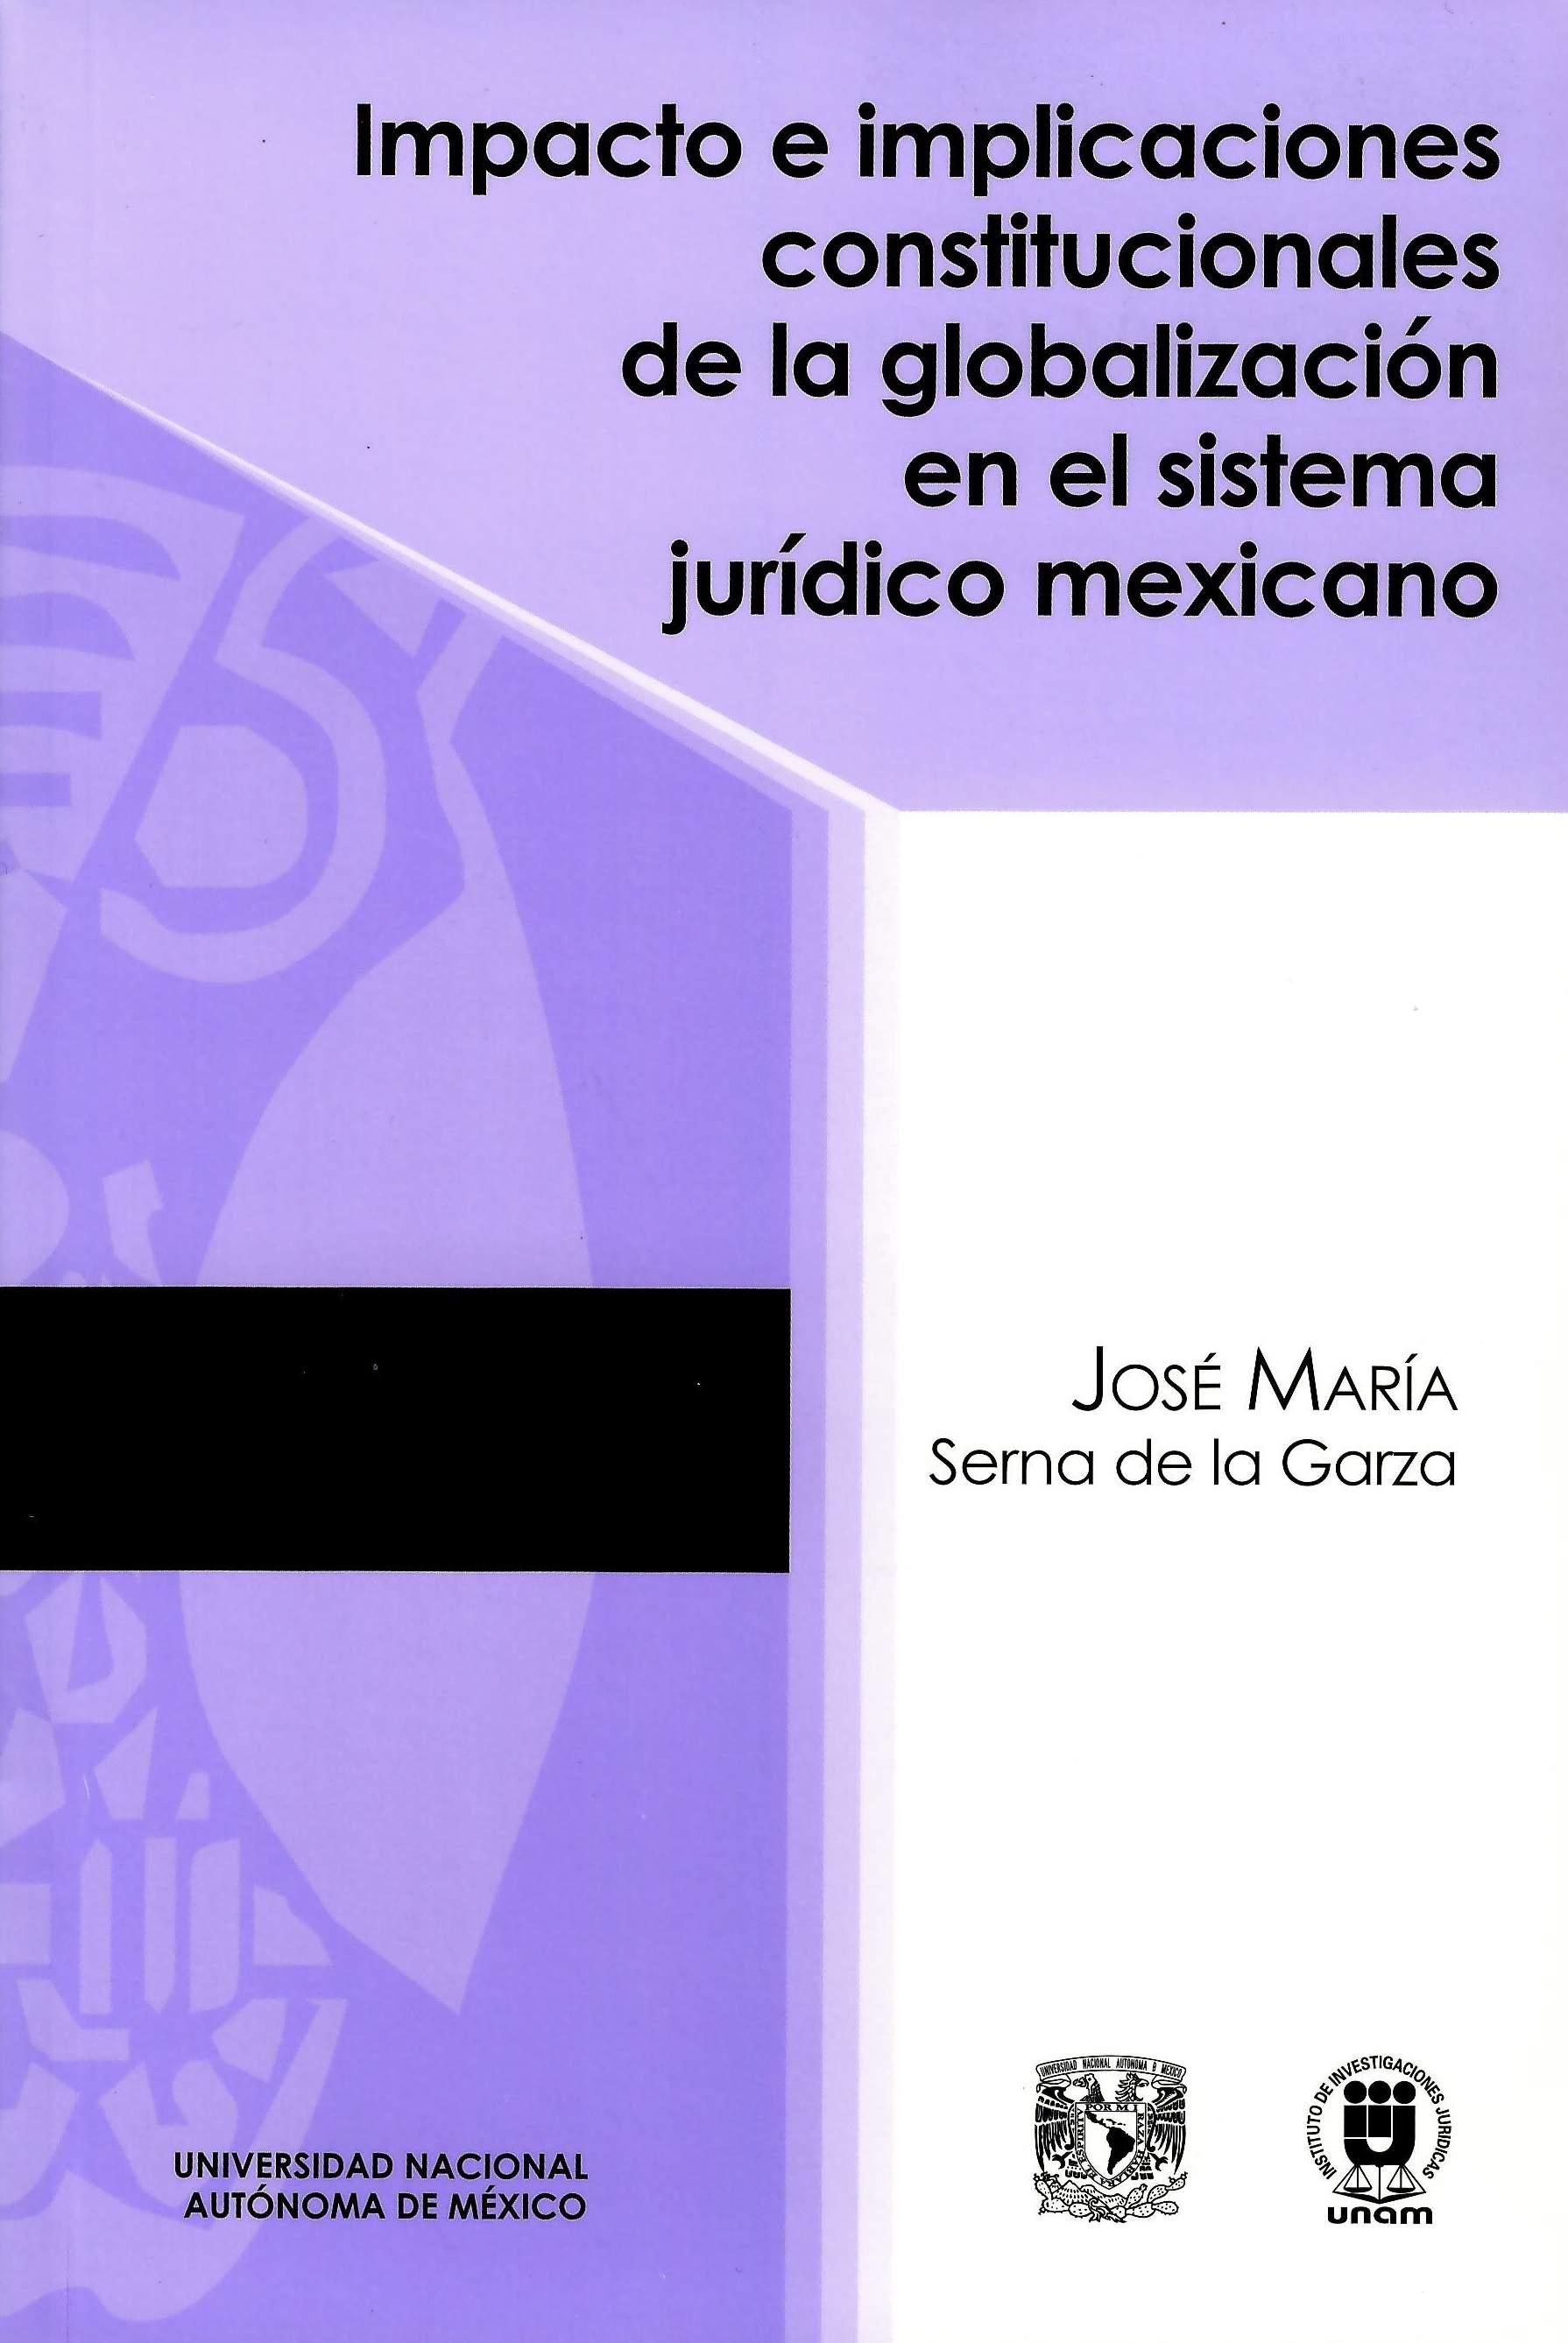 Impacto e implicaciones constitucionales de la globalización en el sistema jurídico mexicano